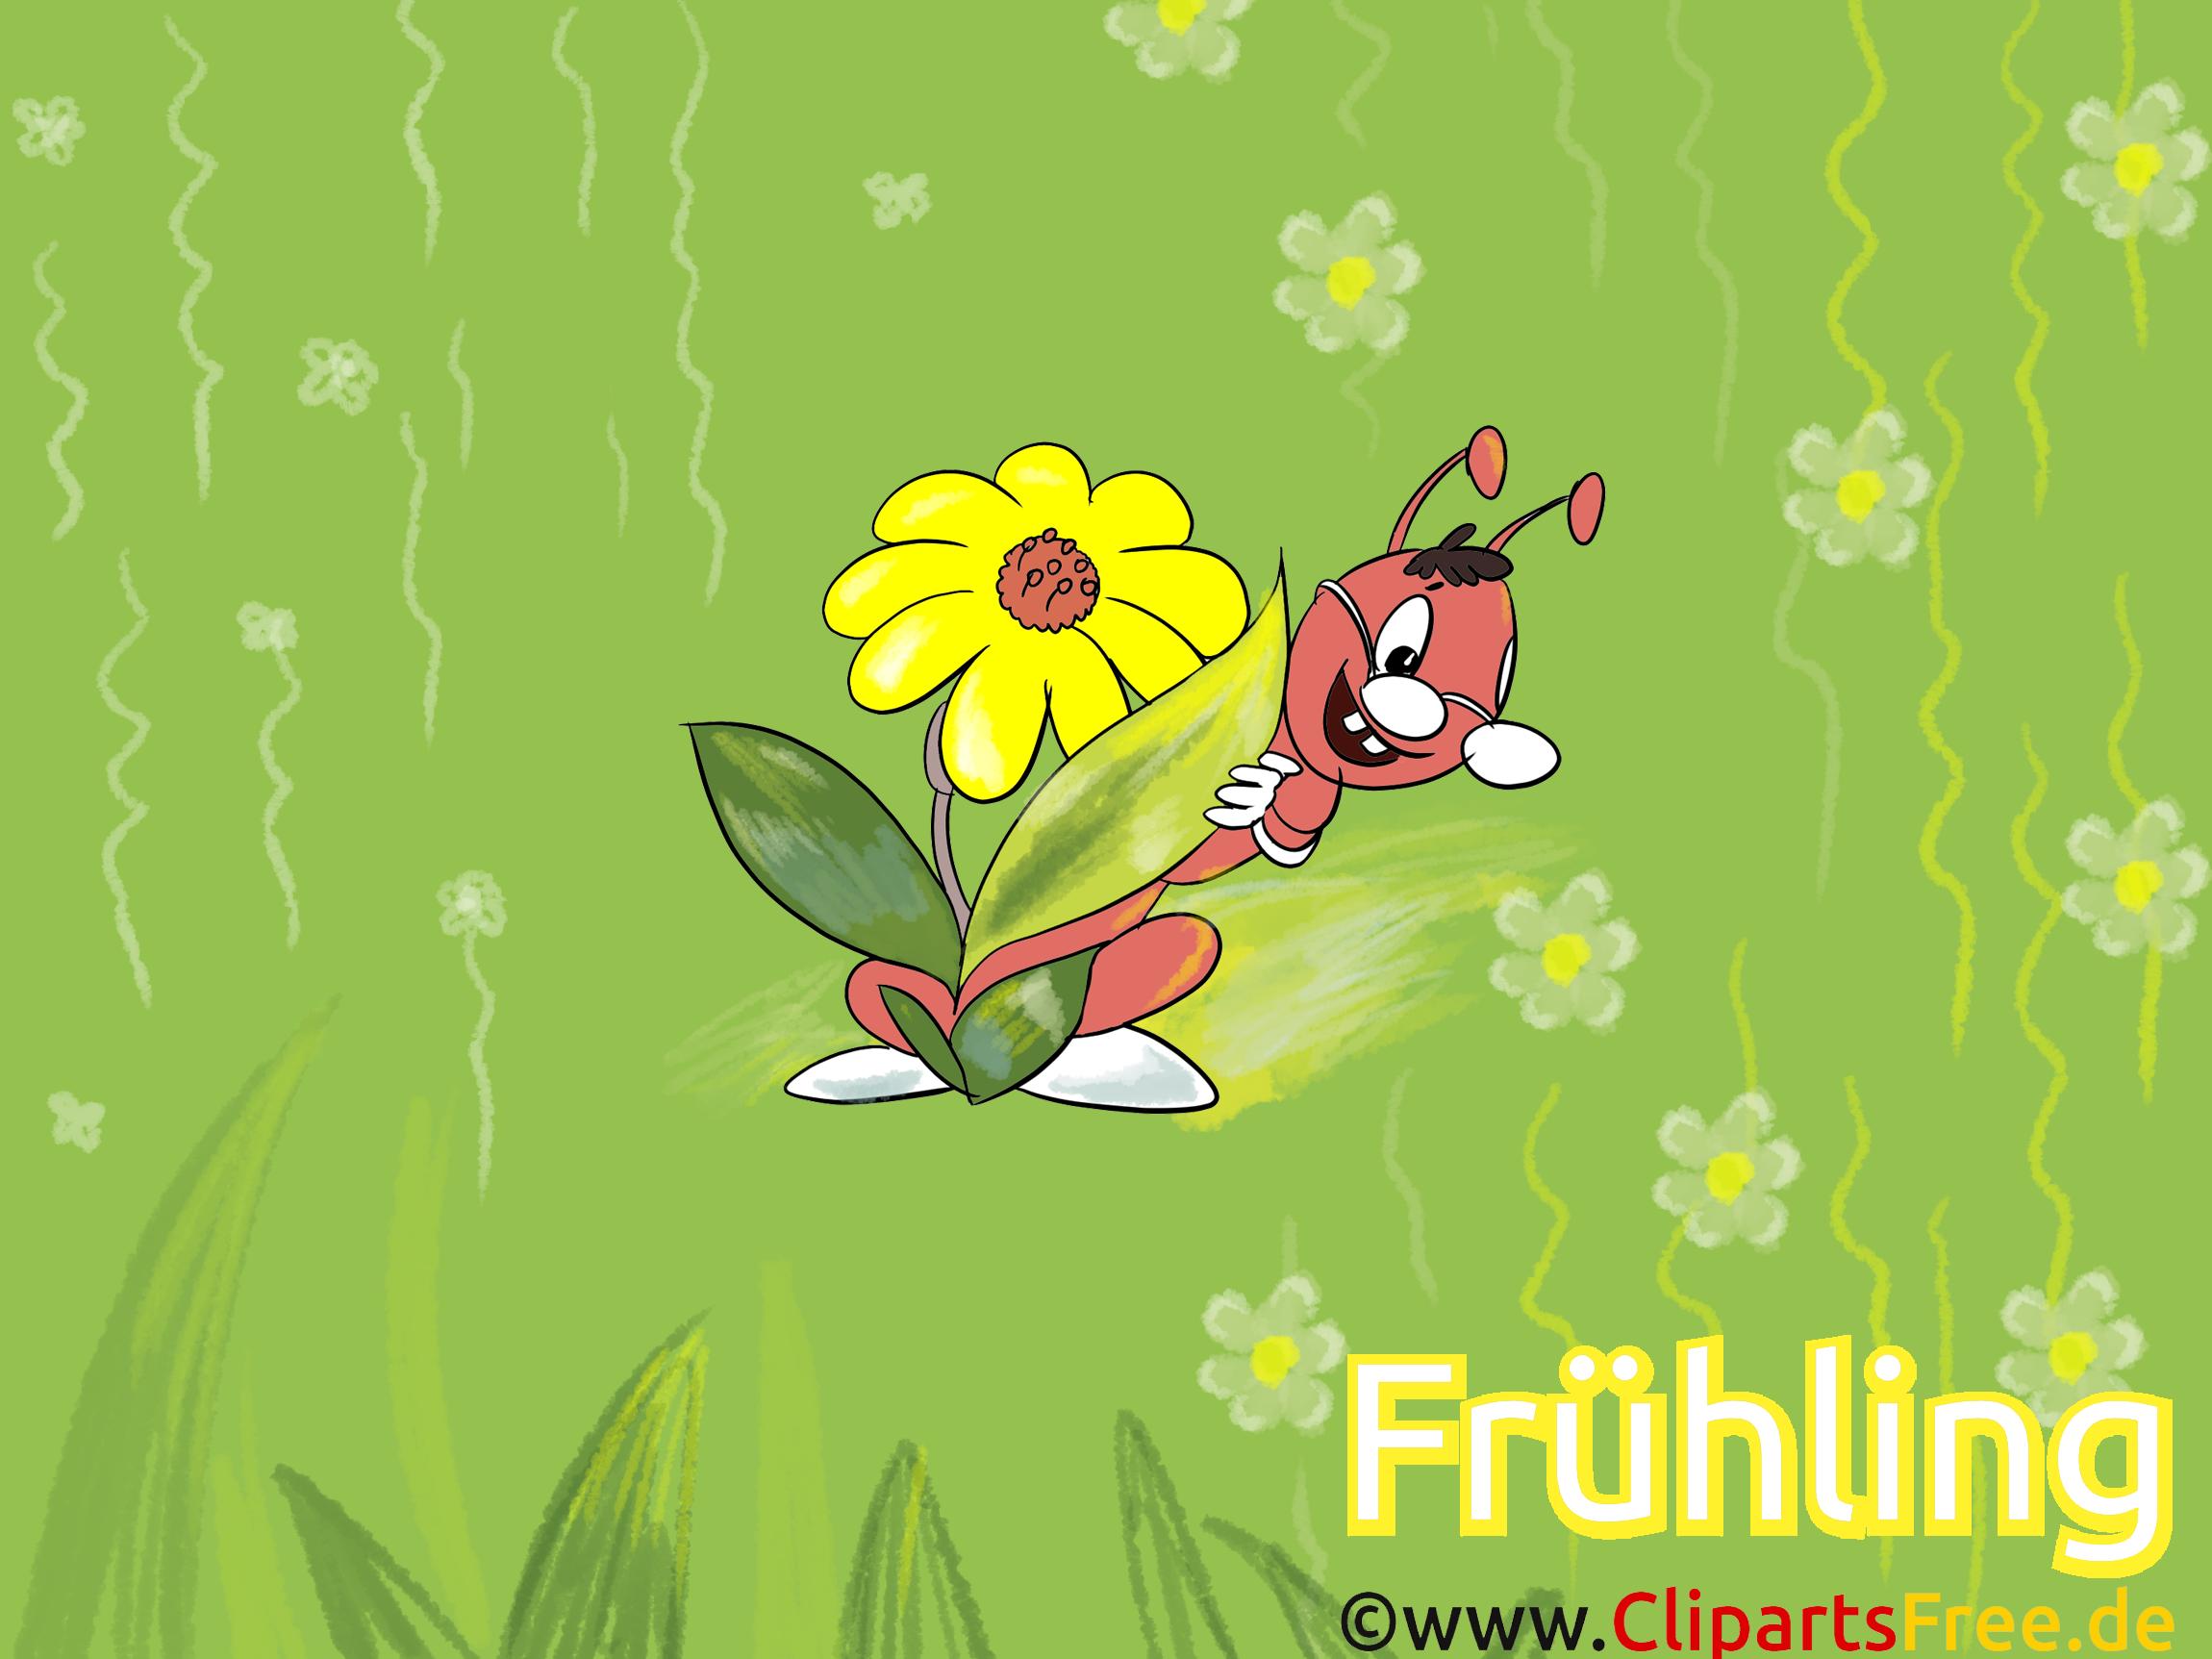 Hintergrundbilder Frühling kostenlos Insekt, Blume, Ameise, grün